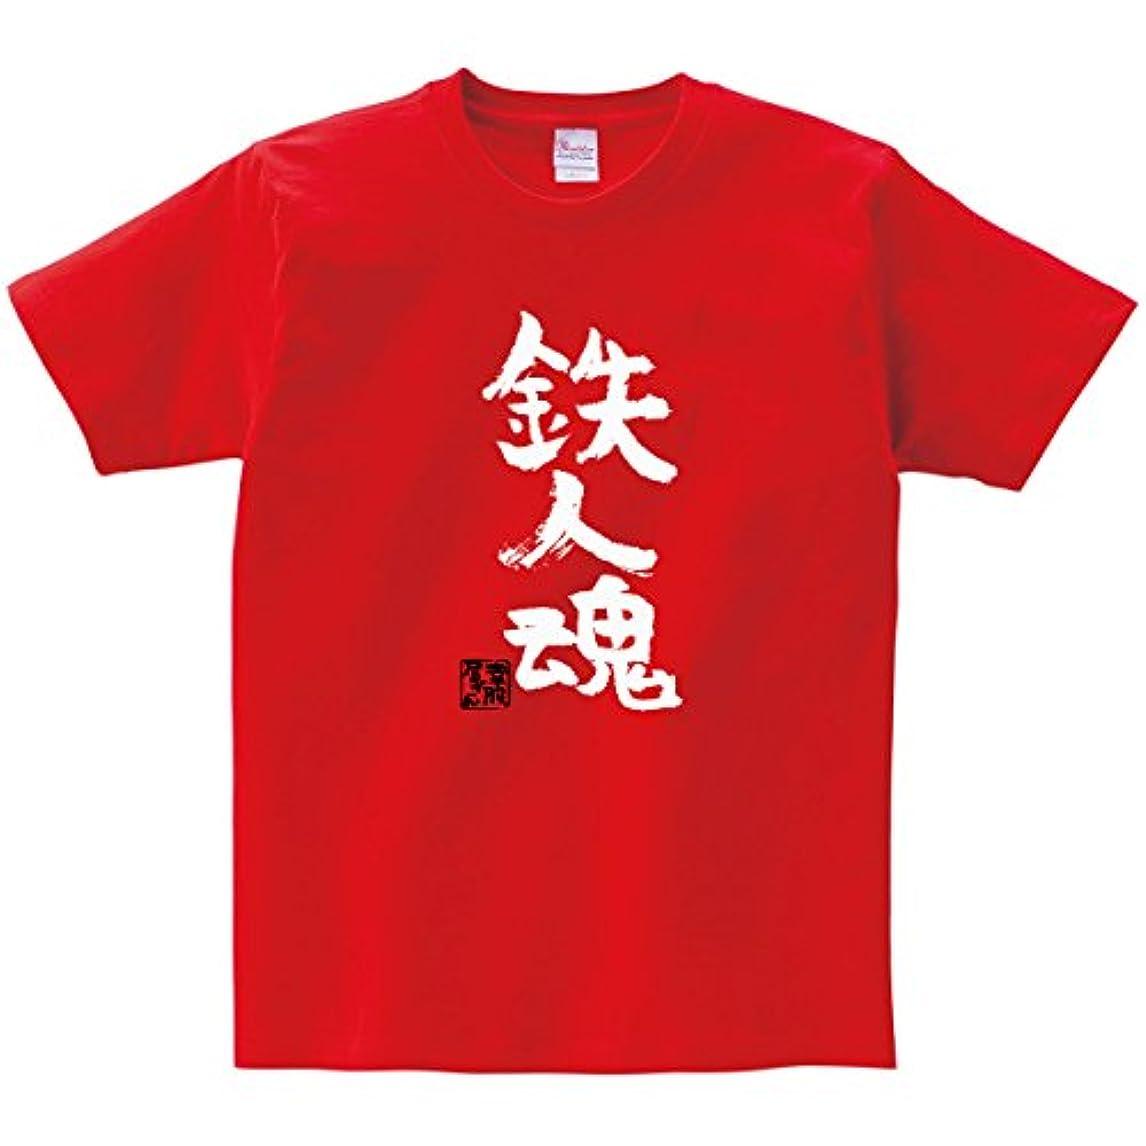 ボクシングマーク非常に怒っています[幸服屋さん] おもしろTシャツ 漢字?和柄「鉄人魂」 ka300-04e